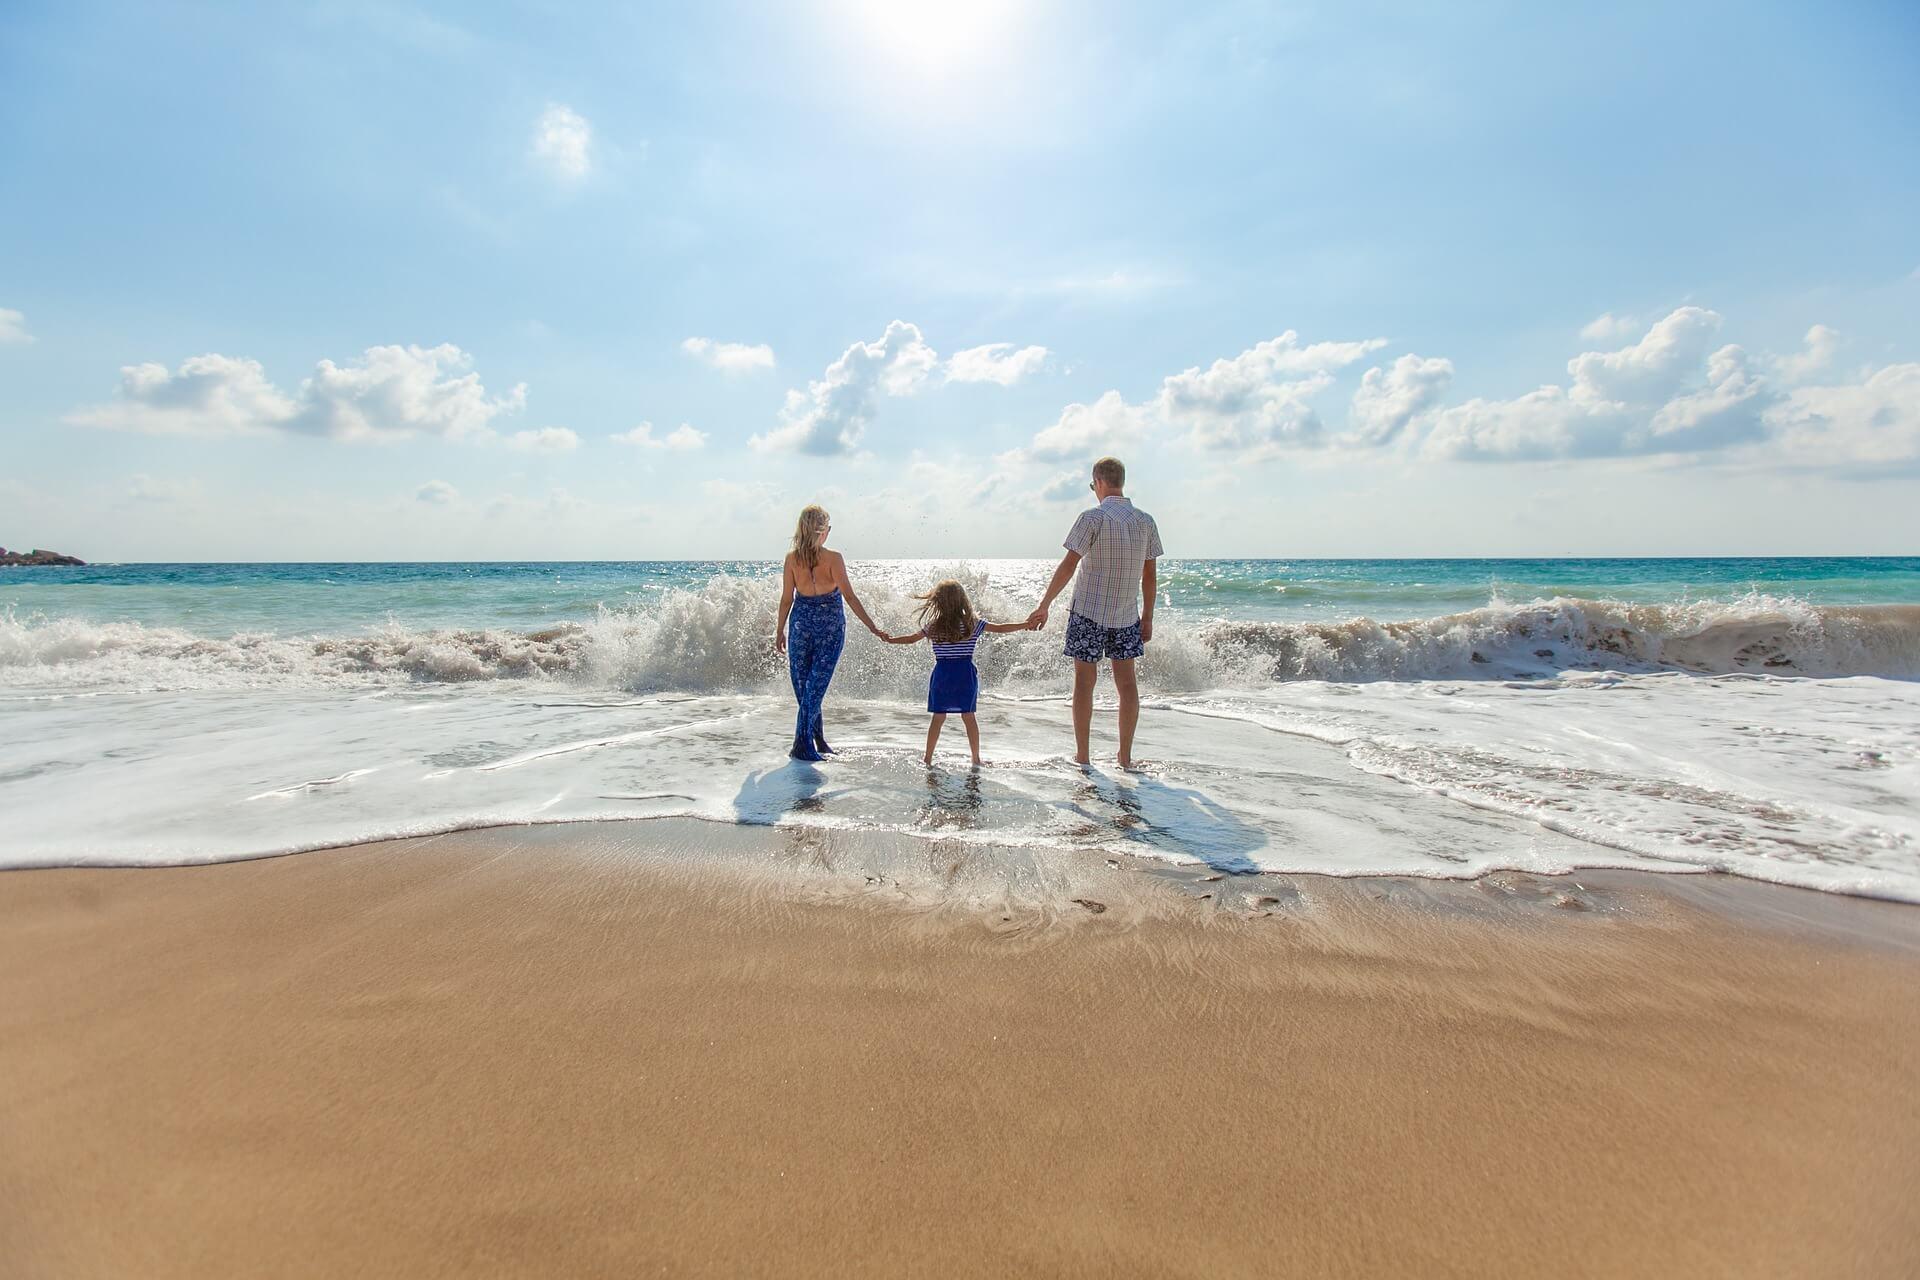 Vivre en location et partir en vacances l'esprit tranquille